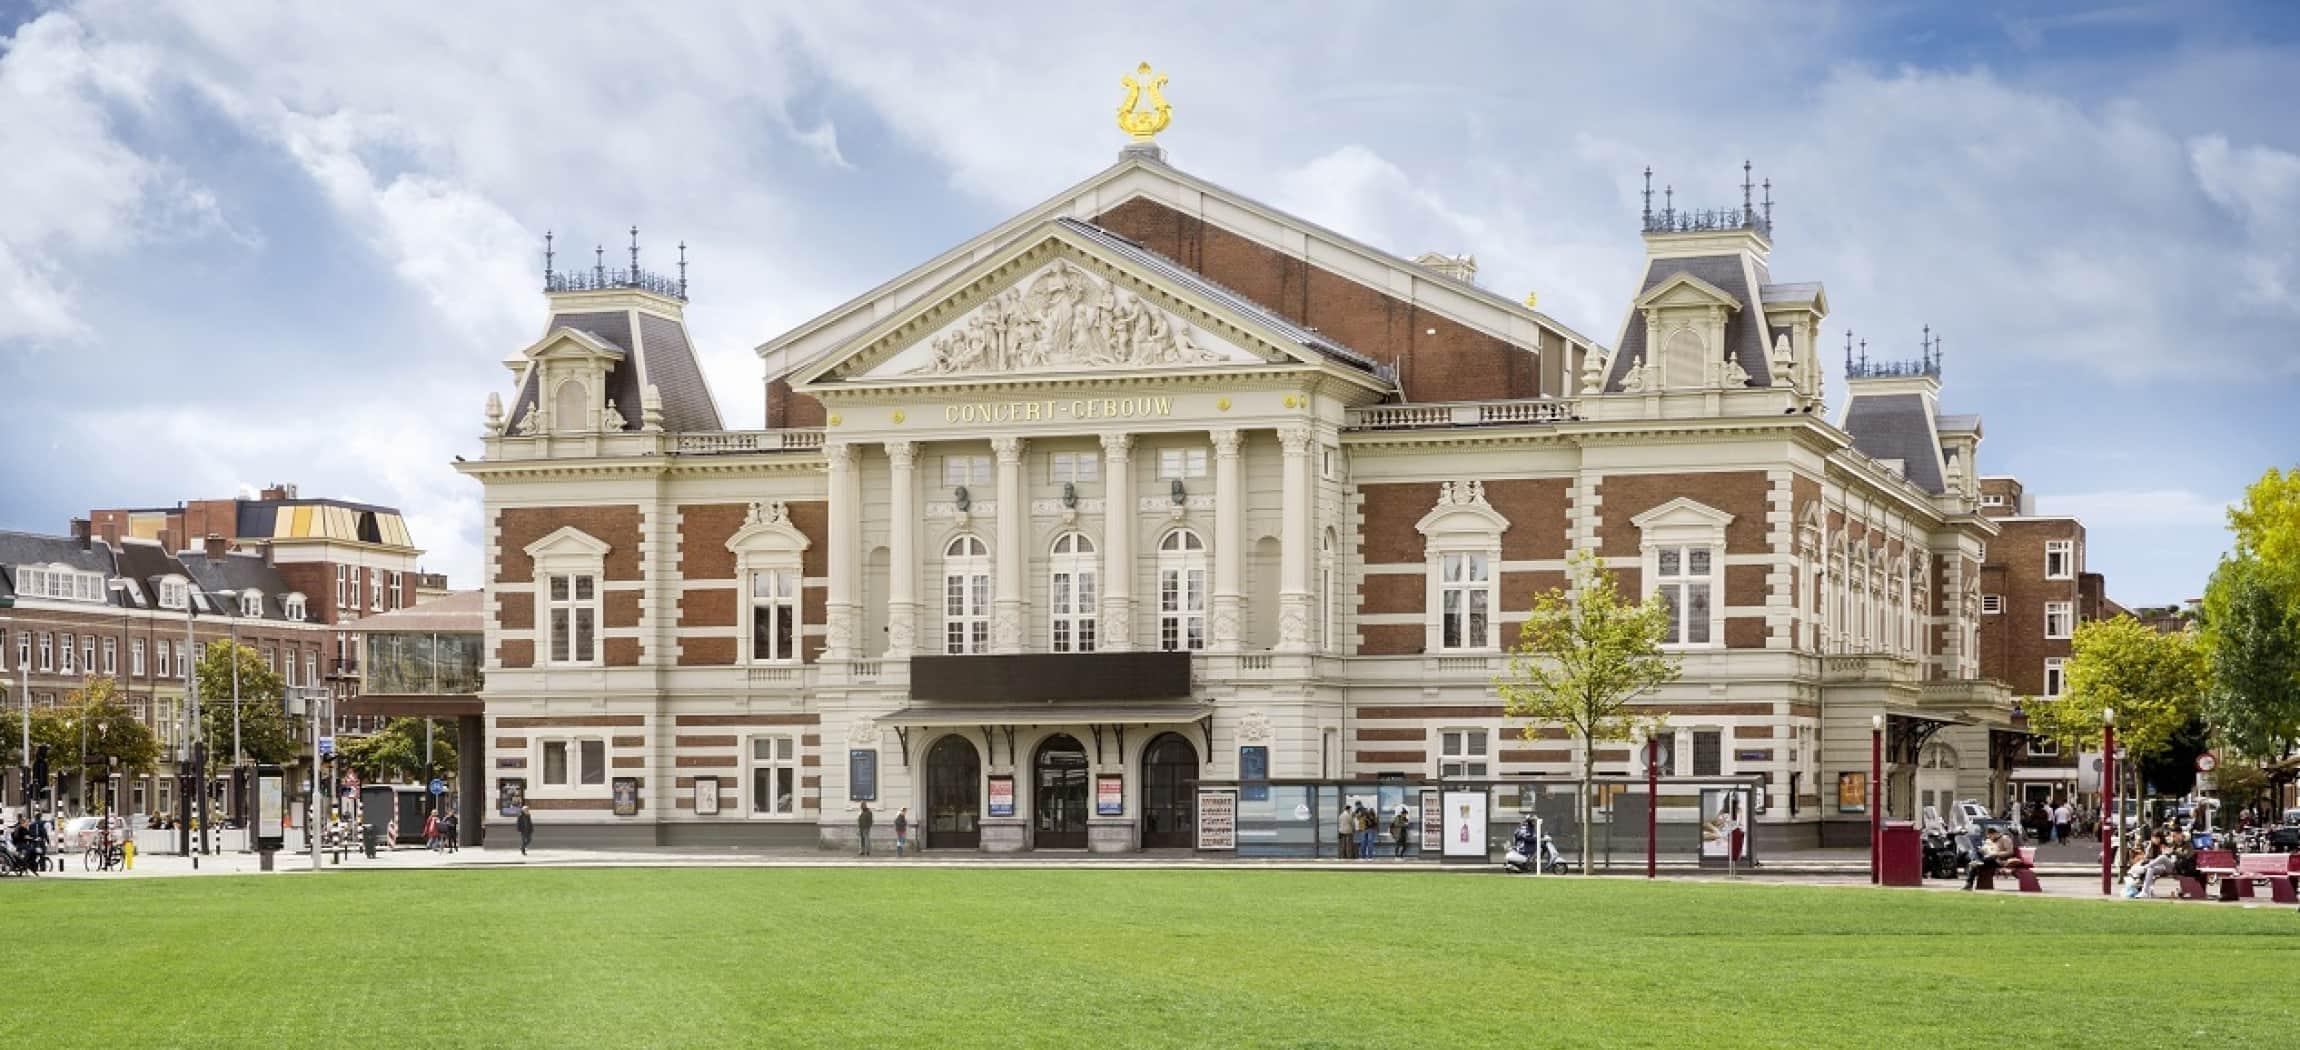 Het Concertgebouw buitenkant gezien vanaf het Museumplein Amsterdam